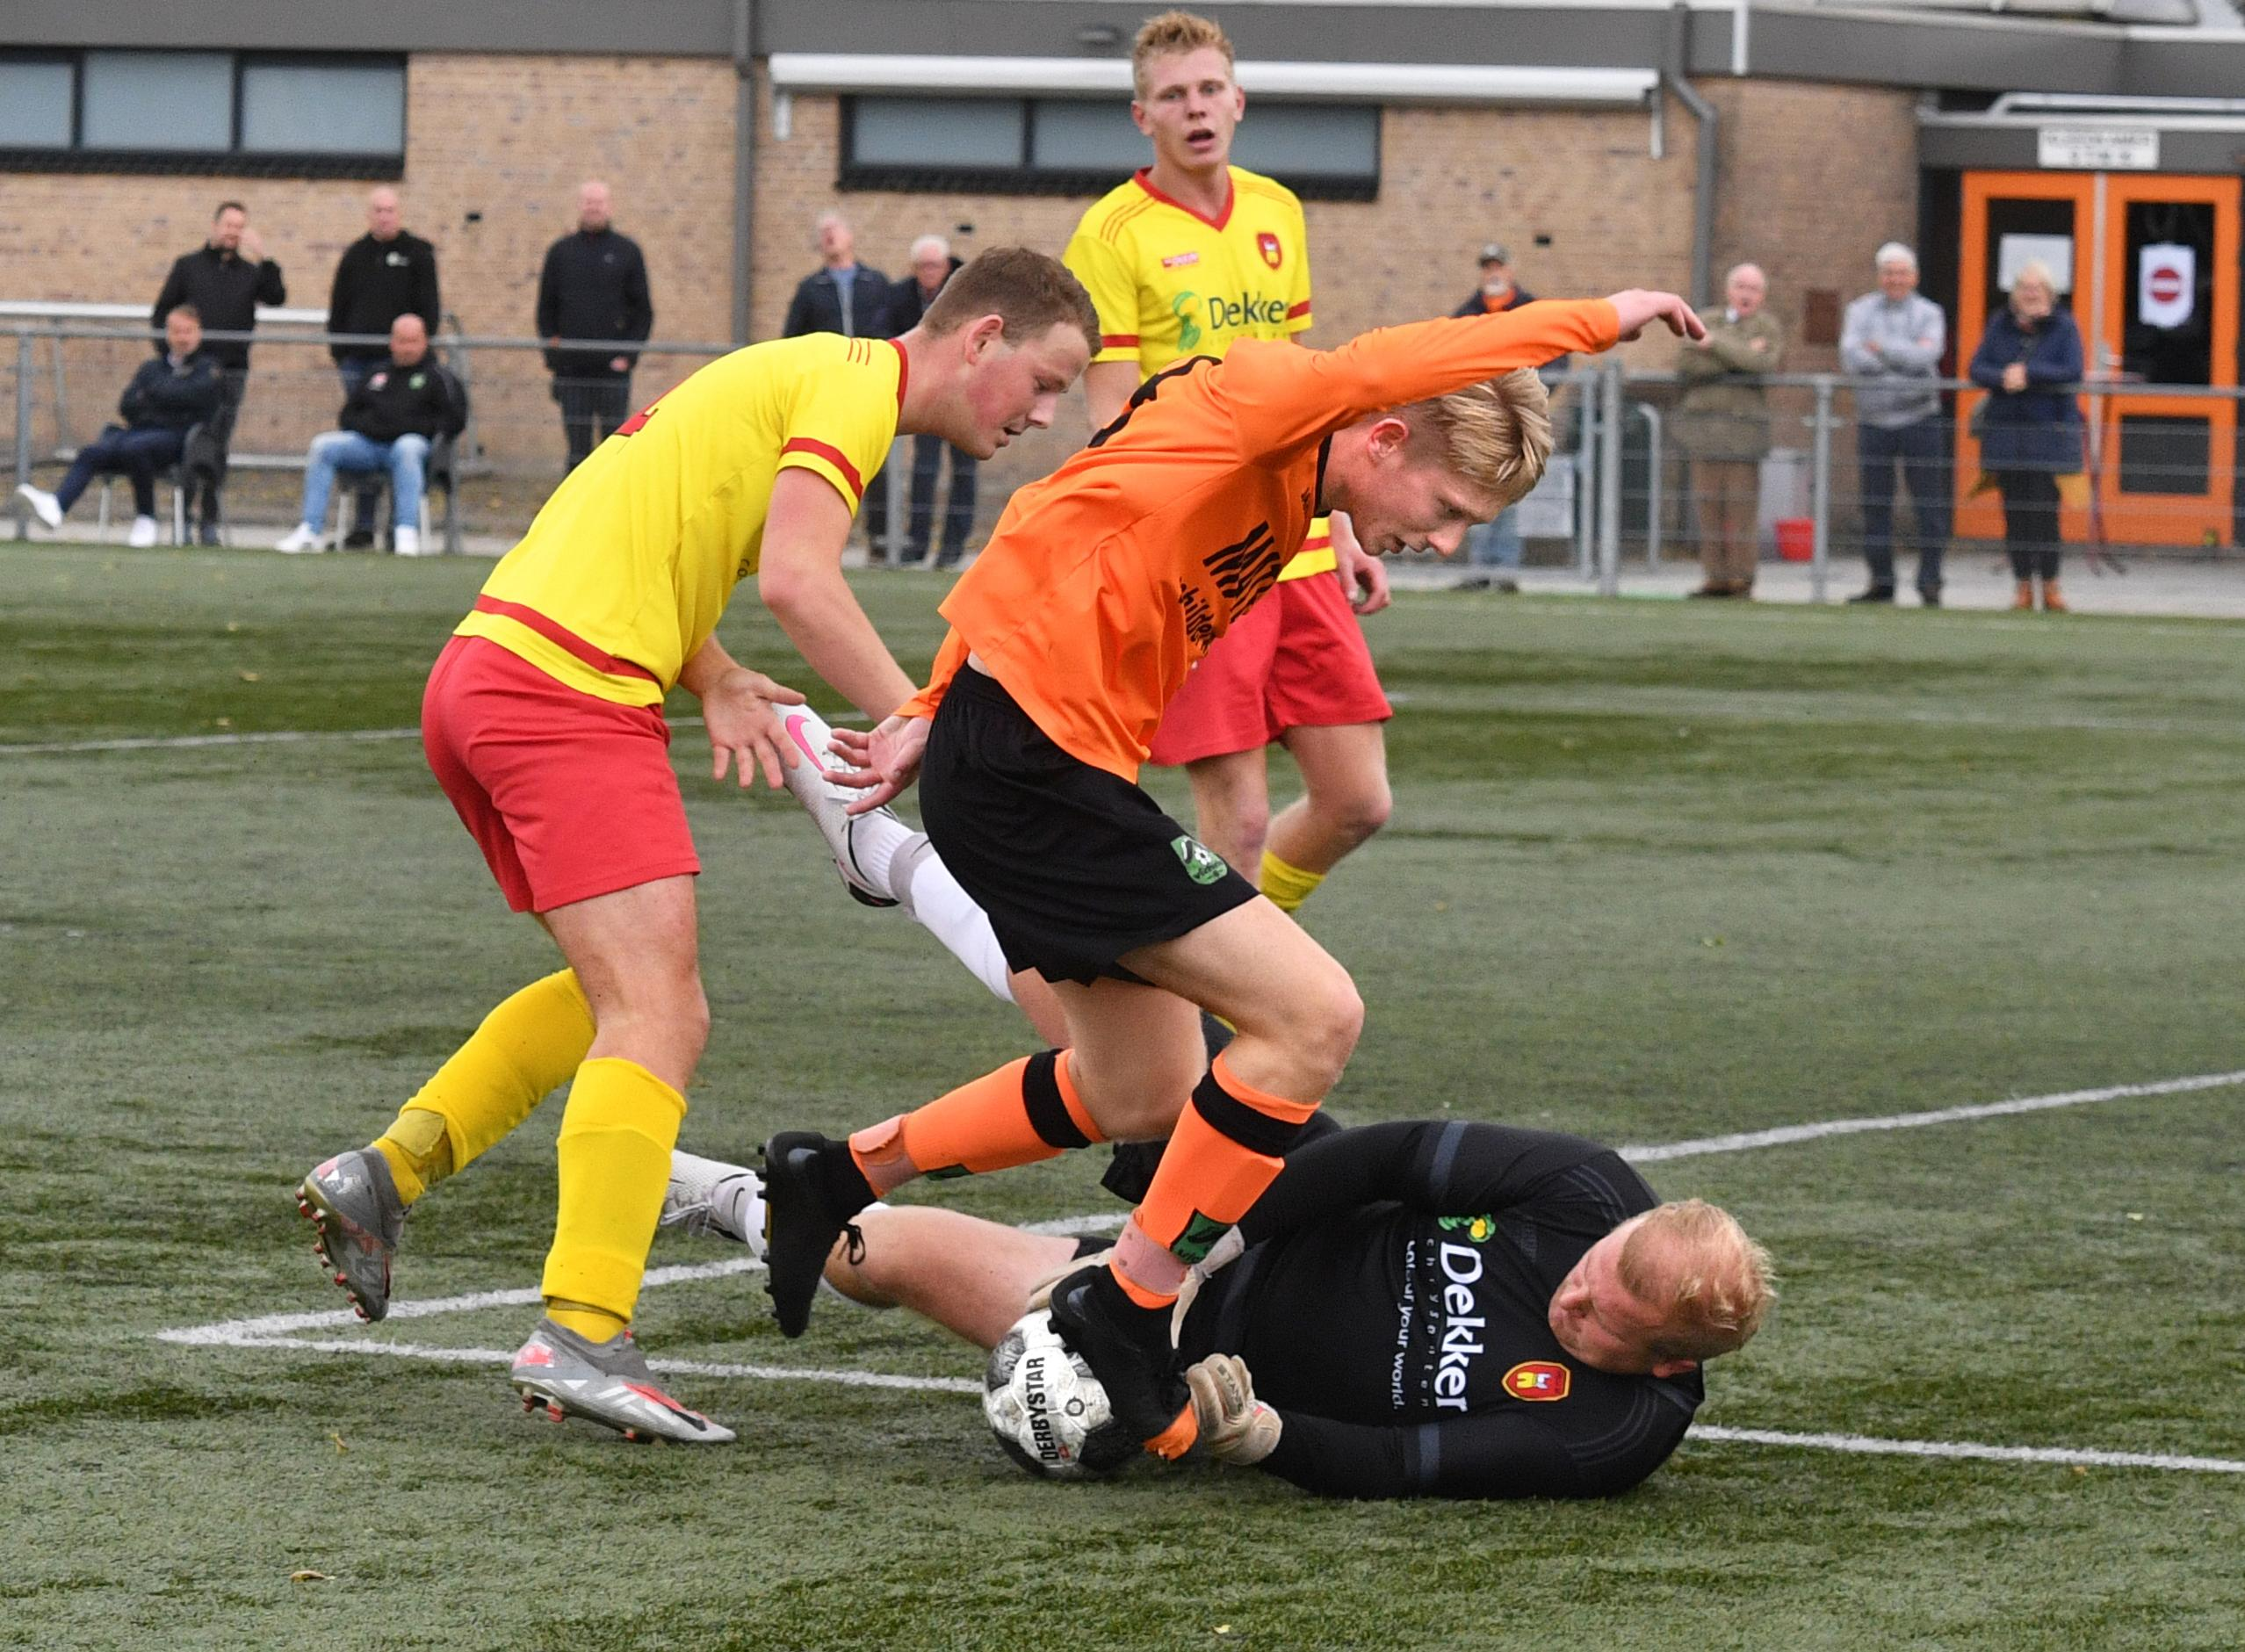 Wessel Klaver met twee knappe goals de matchwinnaar van derby tussen Victoria O en Apollo'68; de burenstrijd is ook een familietreffen